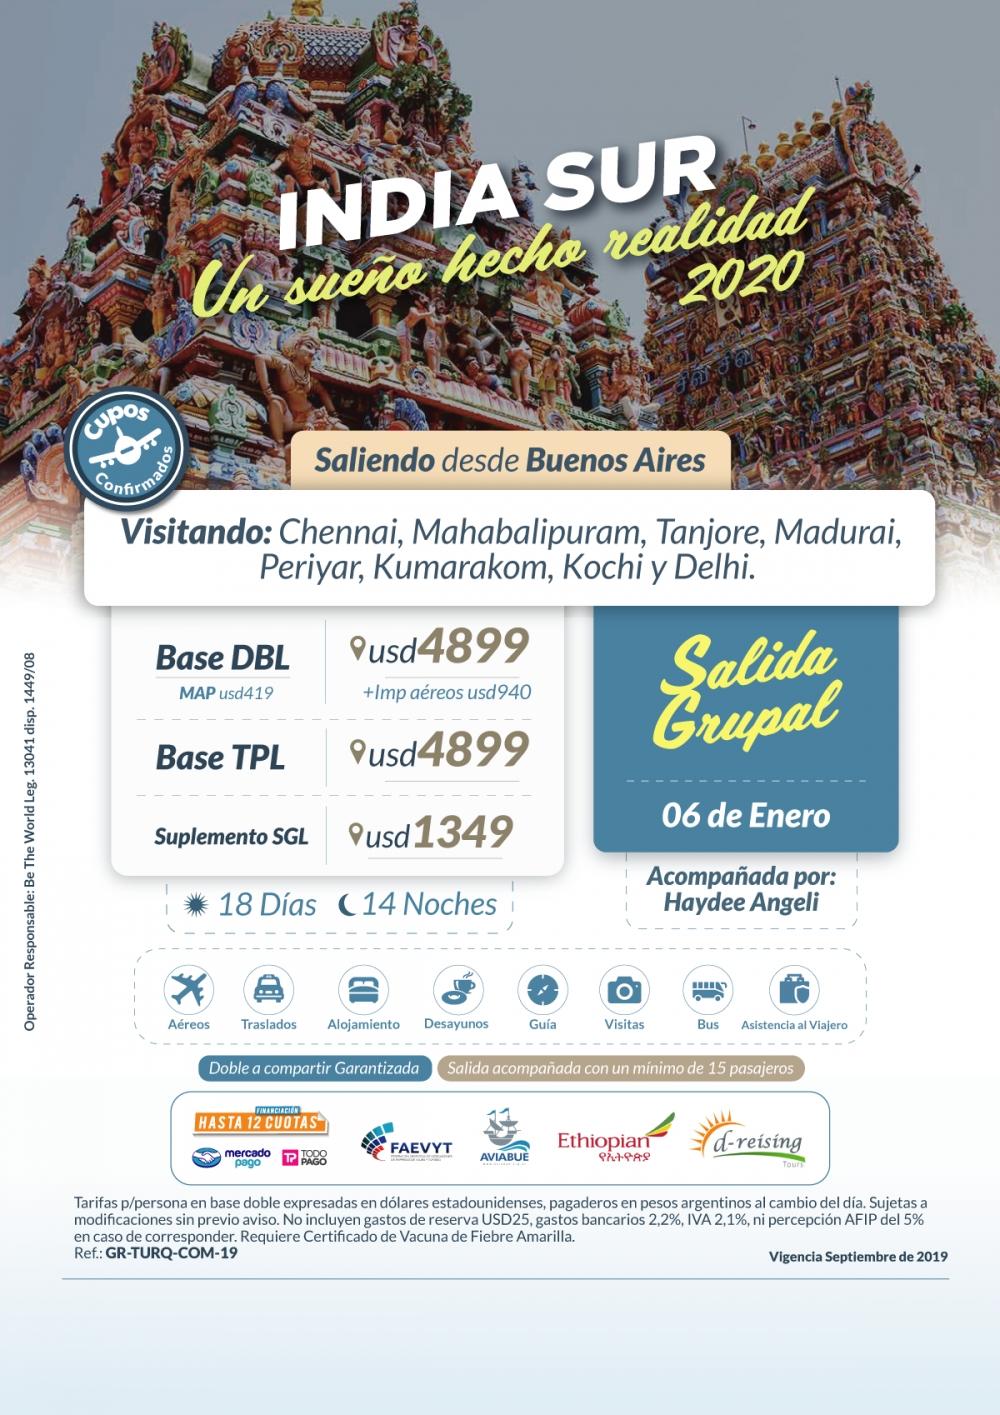 INDIA SUR - Salida Grupal - 06 de Enero del 2020